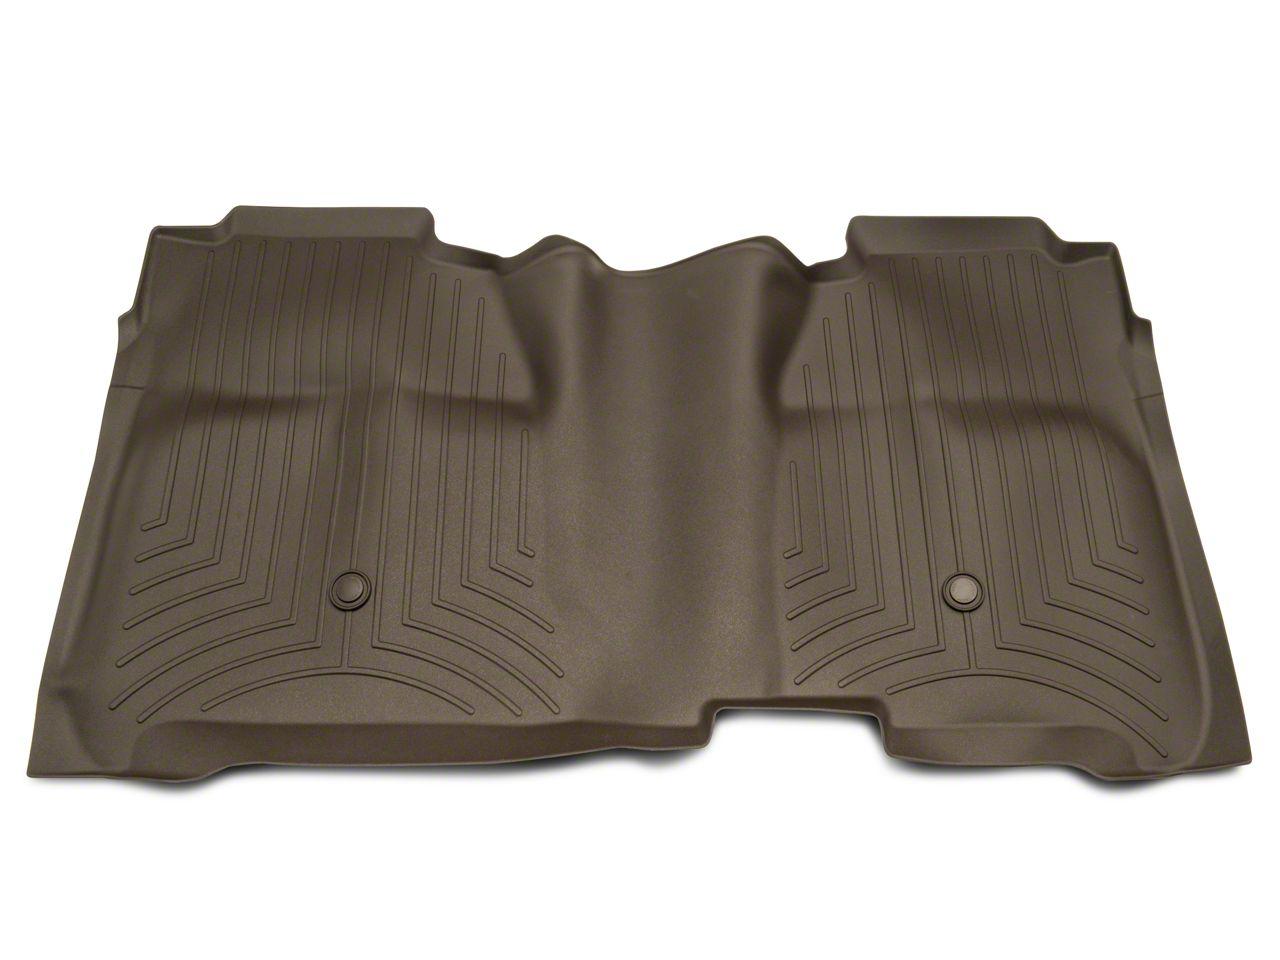 Weathertech DigitalFit Rear Floor Mat w/ Underseat Coverage - Cocoa (14-18 Silverado 1500 Crew Cab)